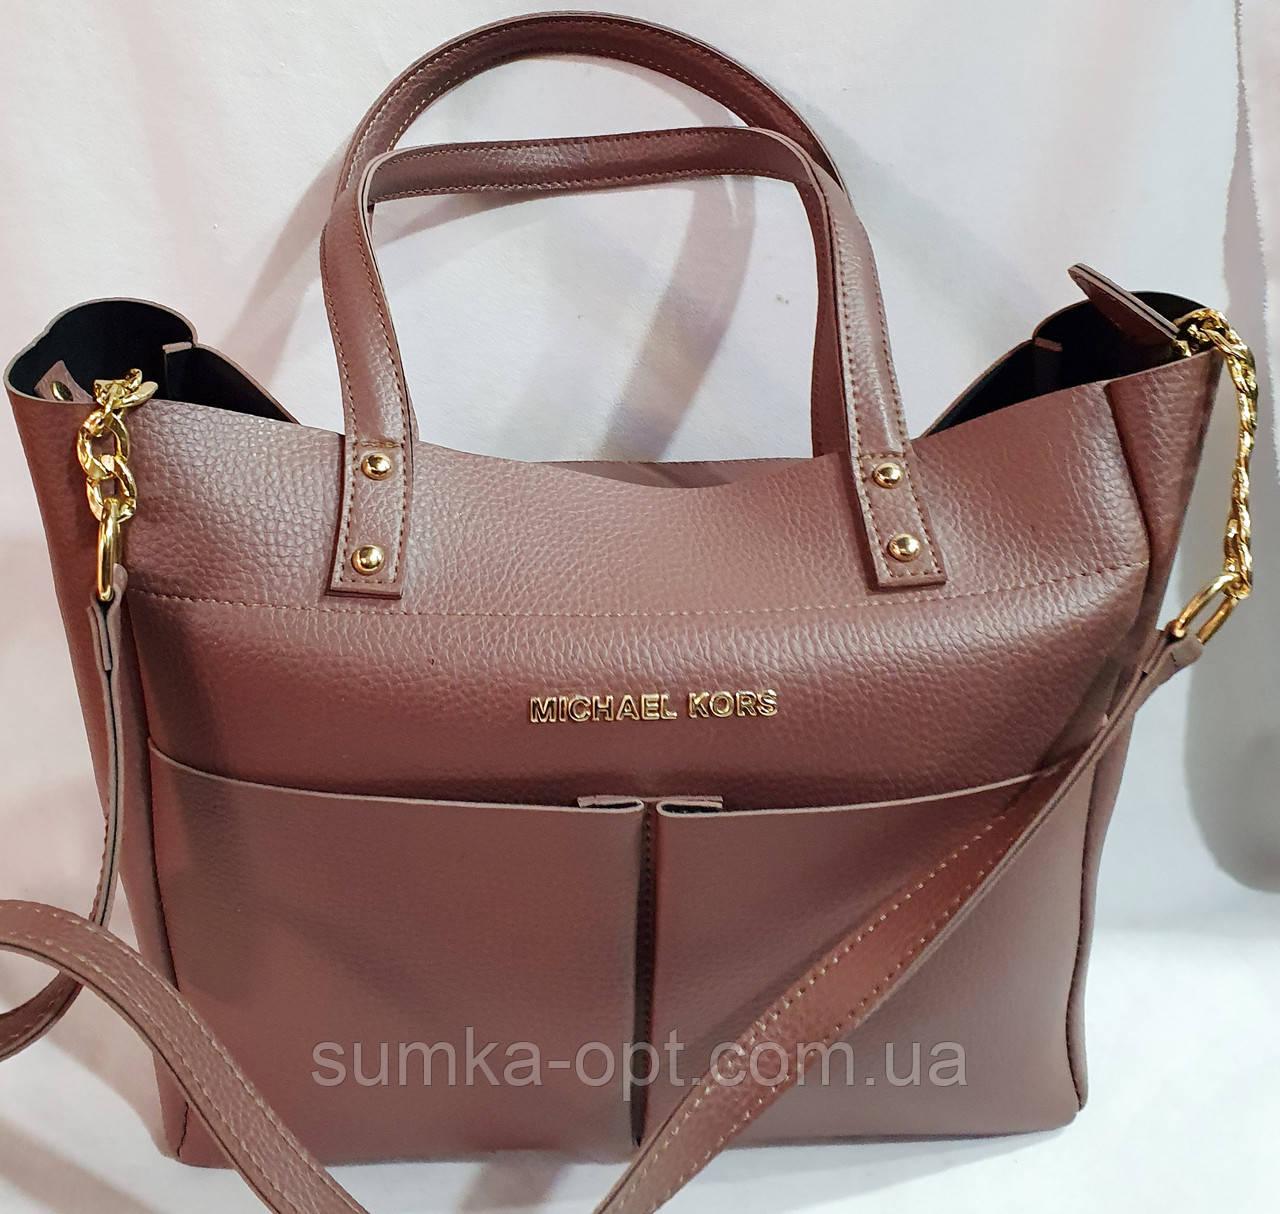 Брендовая женская сумка Michael Kors сиреневая из кожзама 32*29 см